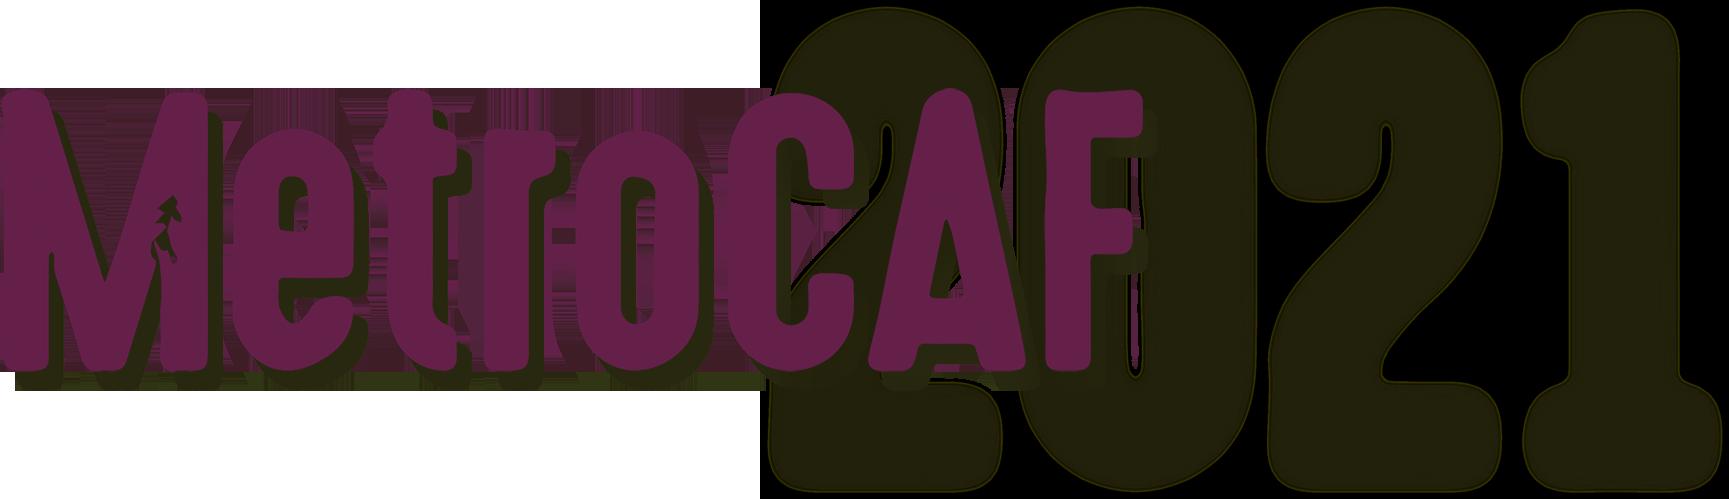 MetroCAF 2021